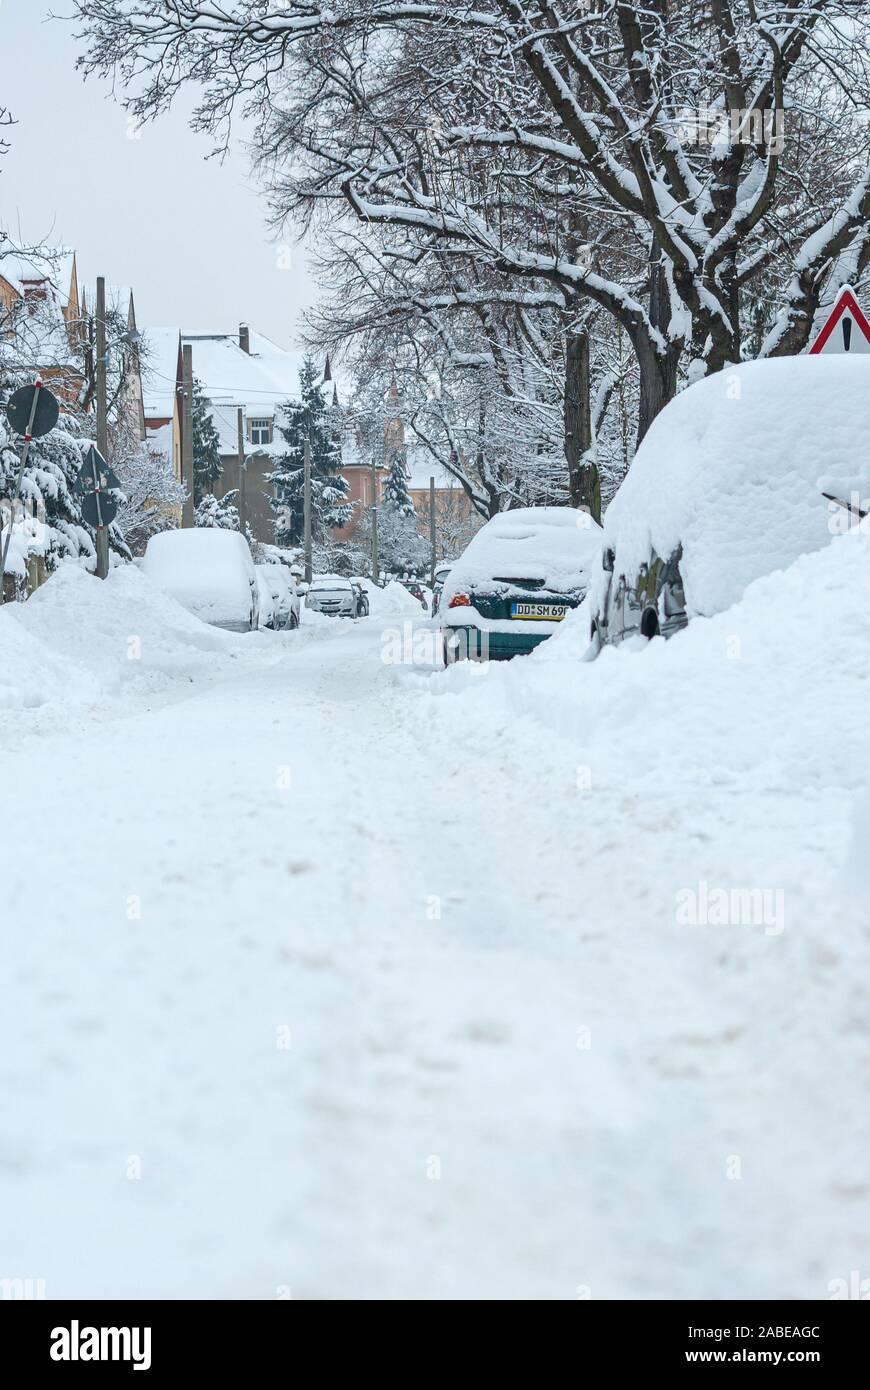 Starke Schneefälle haben den Angriff der Winter in weiten Teilen Deutschlands, auch im Dresdner Stadtteil Klotzsche. Stockfoto